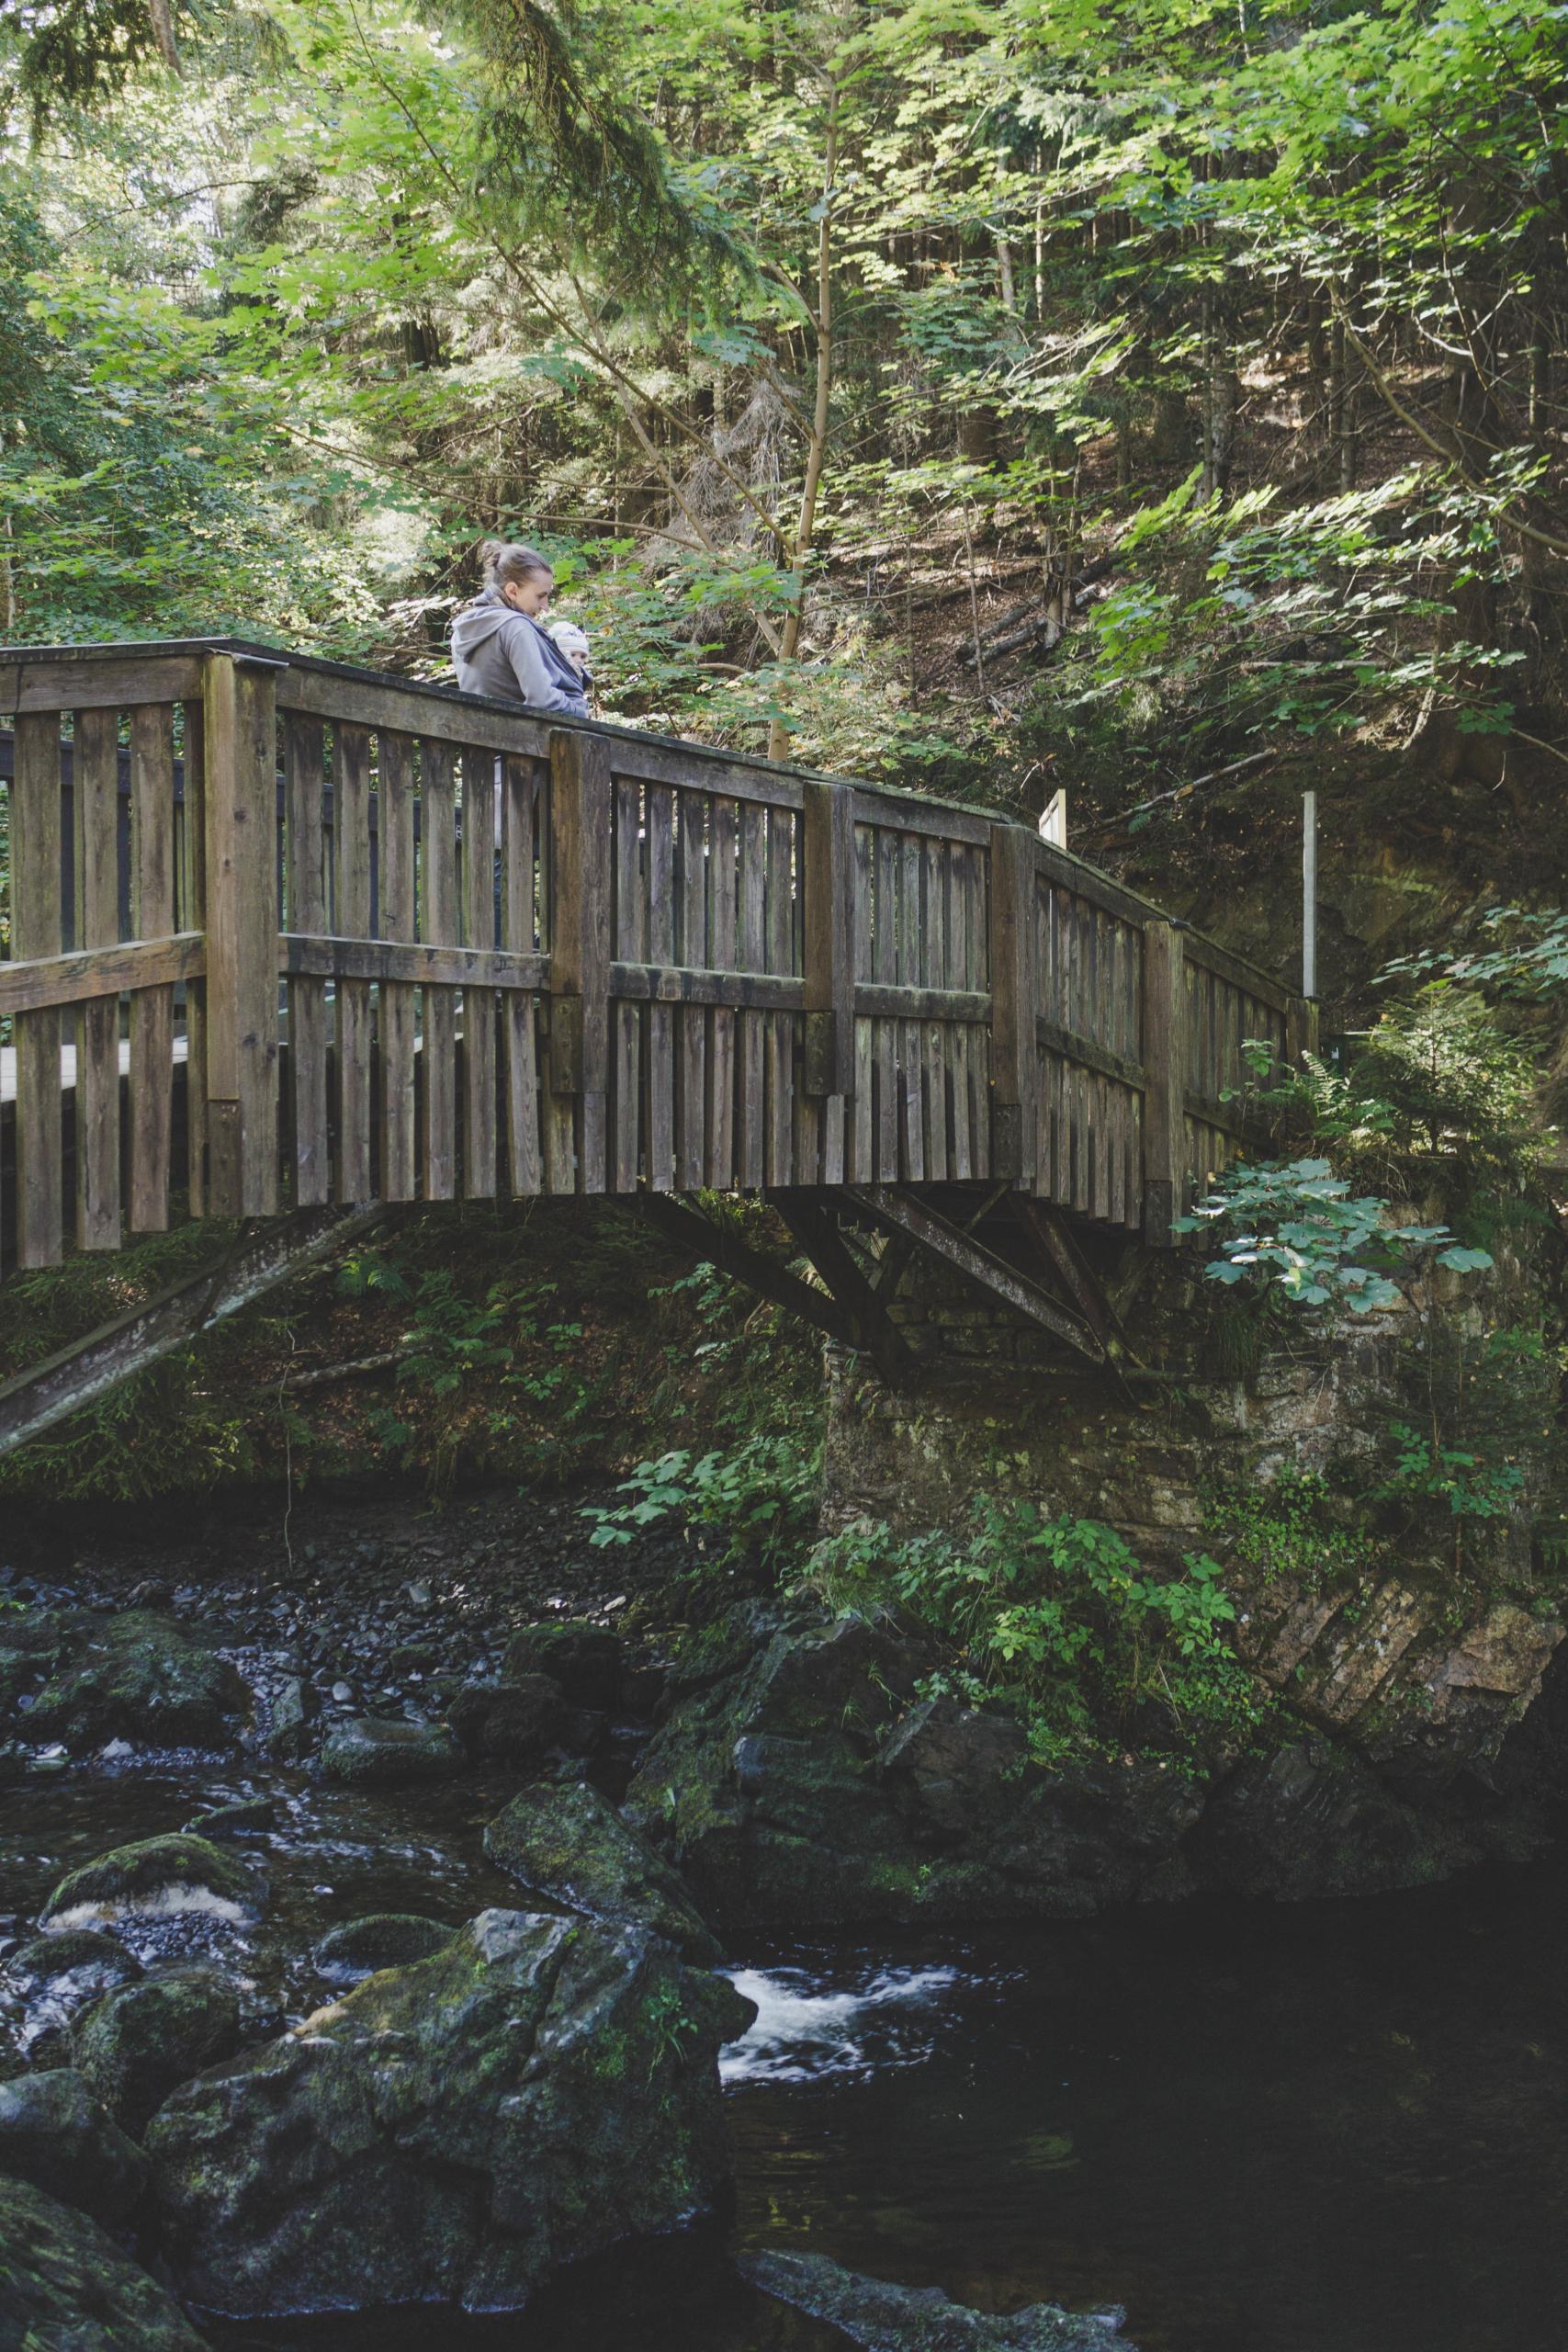 Brücke zur Verlobungsinsel im Okertal-